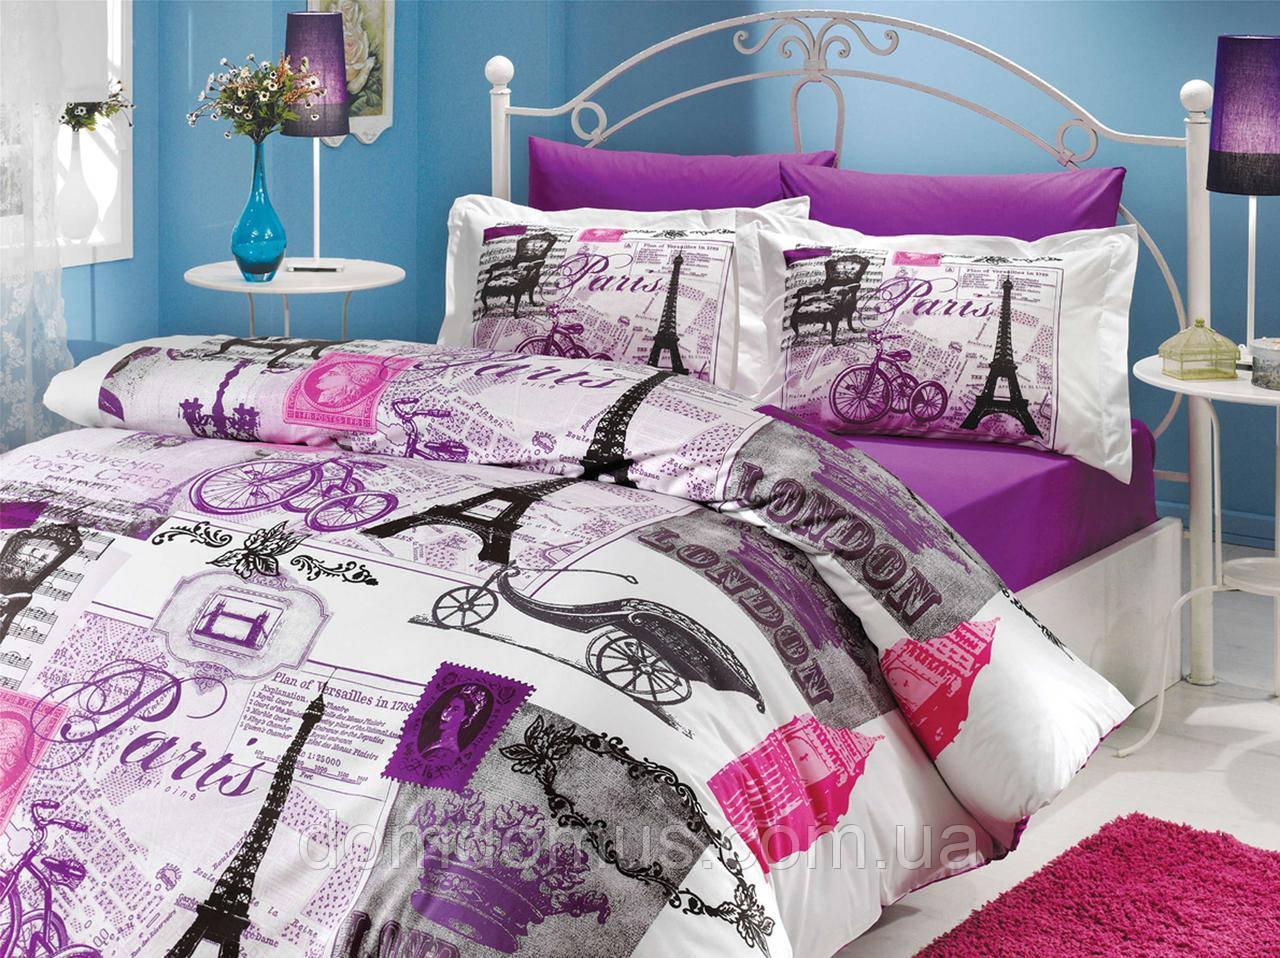 """Комплект постільна білизна двоспальне Євро """"Vicenta Lilac (100% бавовна) Hobby, Туреччина"""